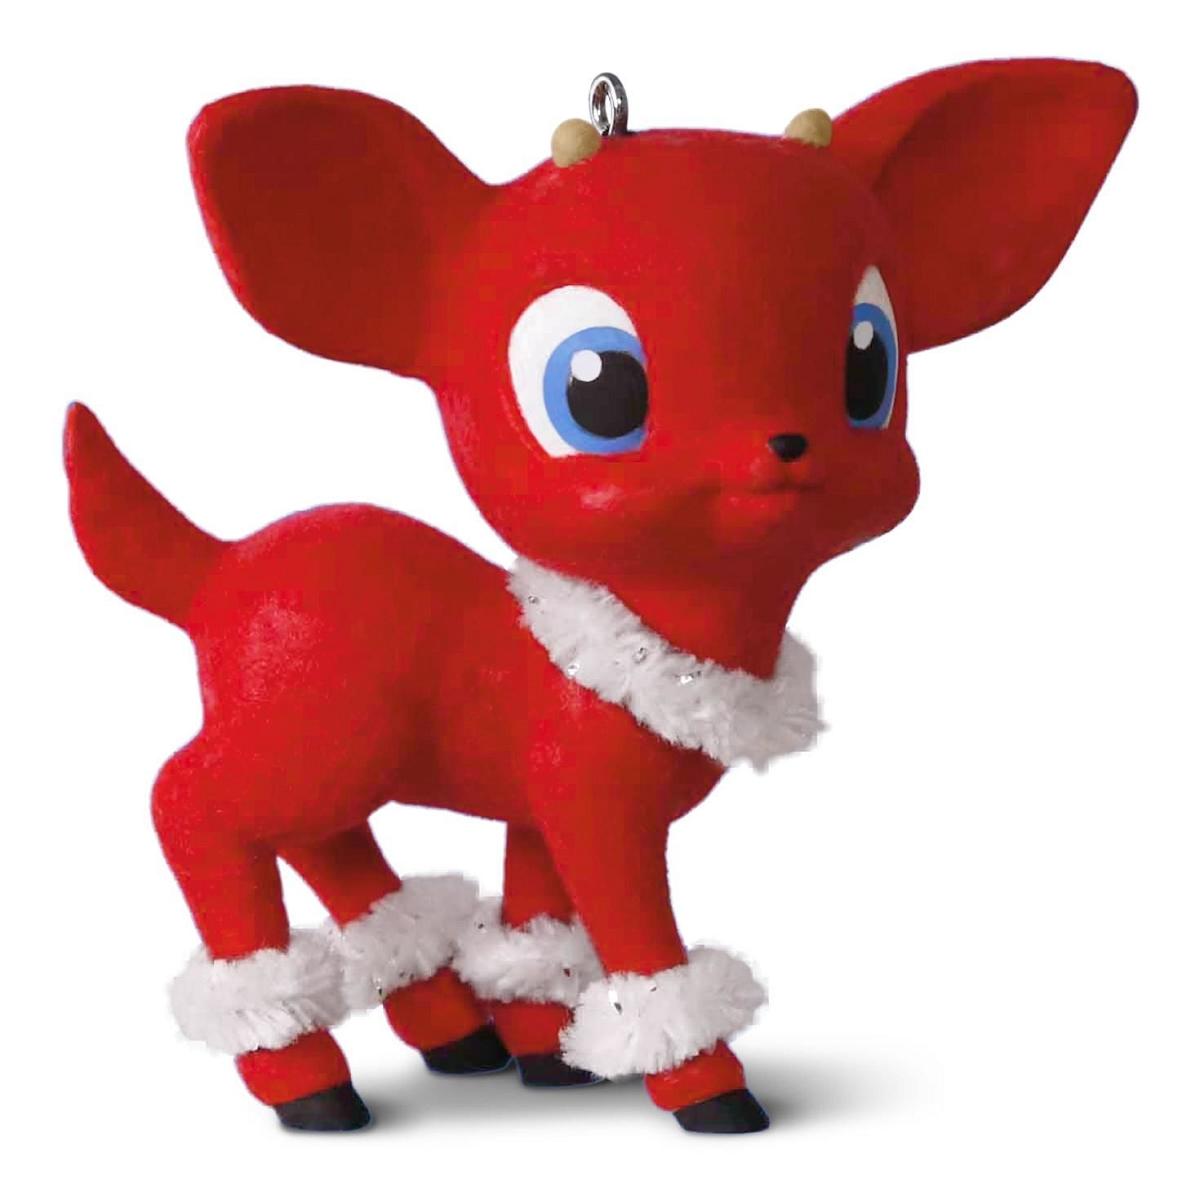 2016 Retro Reindeer Hallmark Keepsake Ornament Hooked On